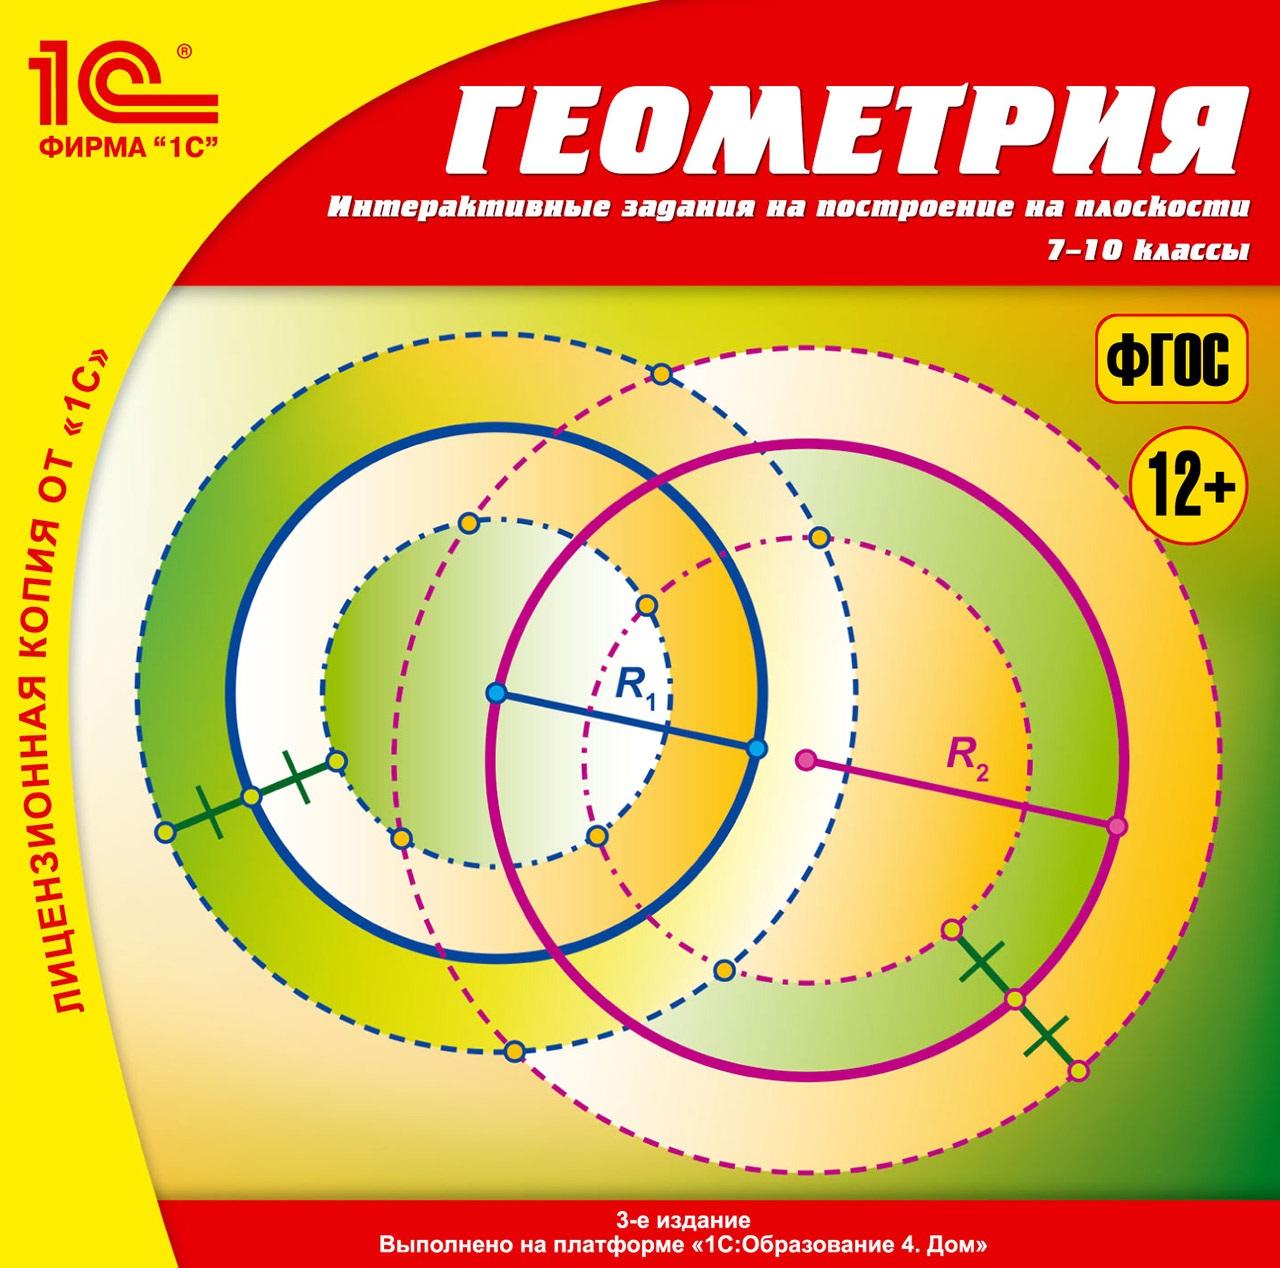 Геометрия. Интерактивные задания на построение на плоскости. 7–10 классы [Цифровая версия] (Цифровая версия)Образовательный комплекс Геометрия. Интерактивные задания на построение на плоскости. 7–10 классы содержит учебные материалы по решению задач на построение, изучаемых на уроках геометрии в 9–11 классах.<br>